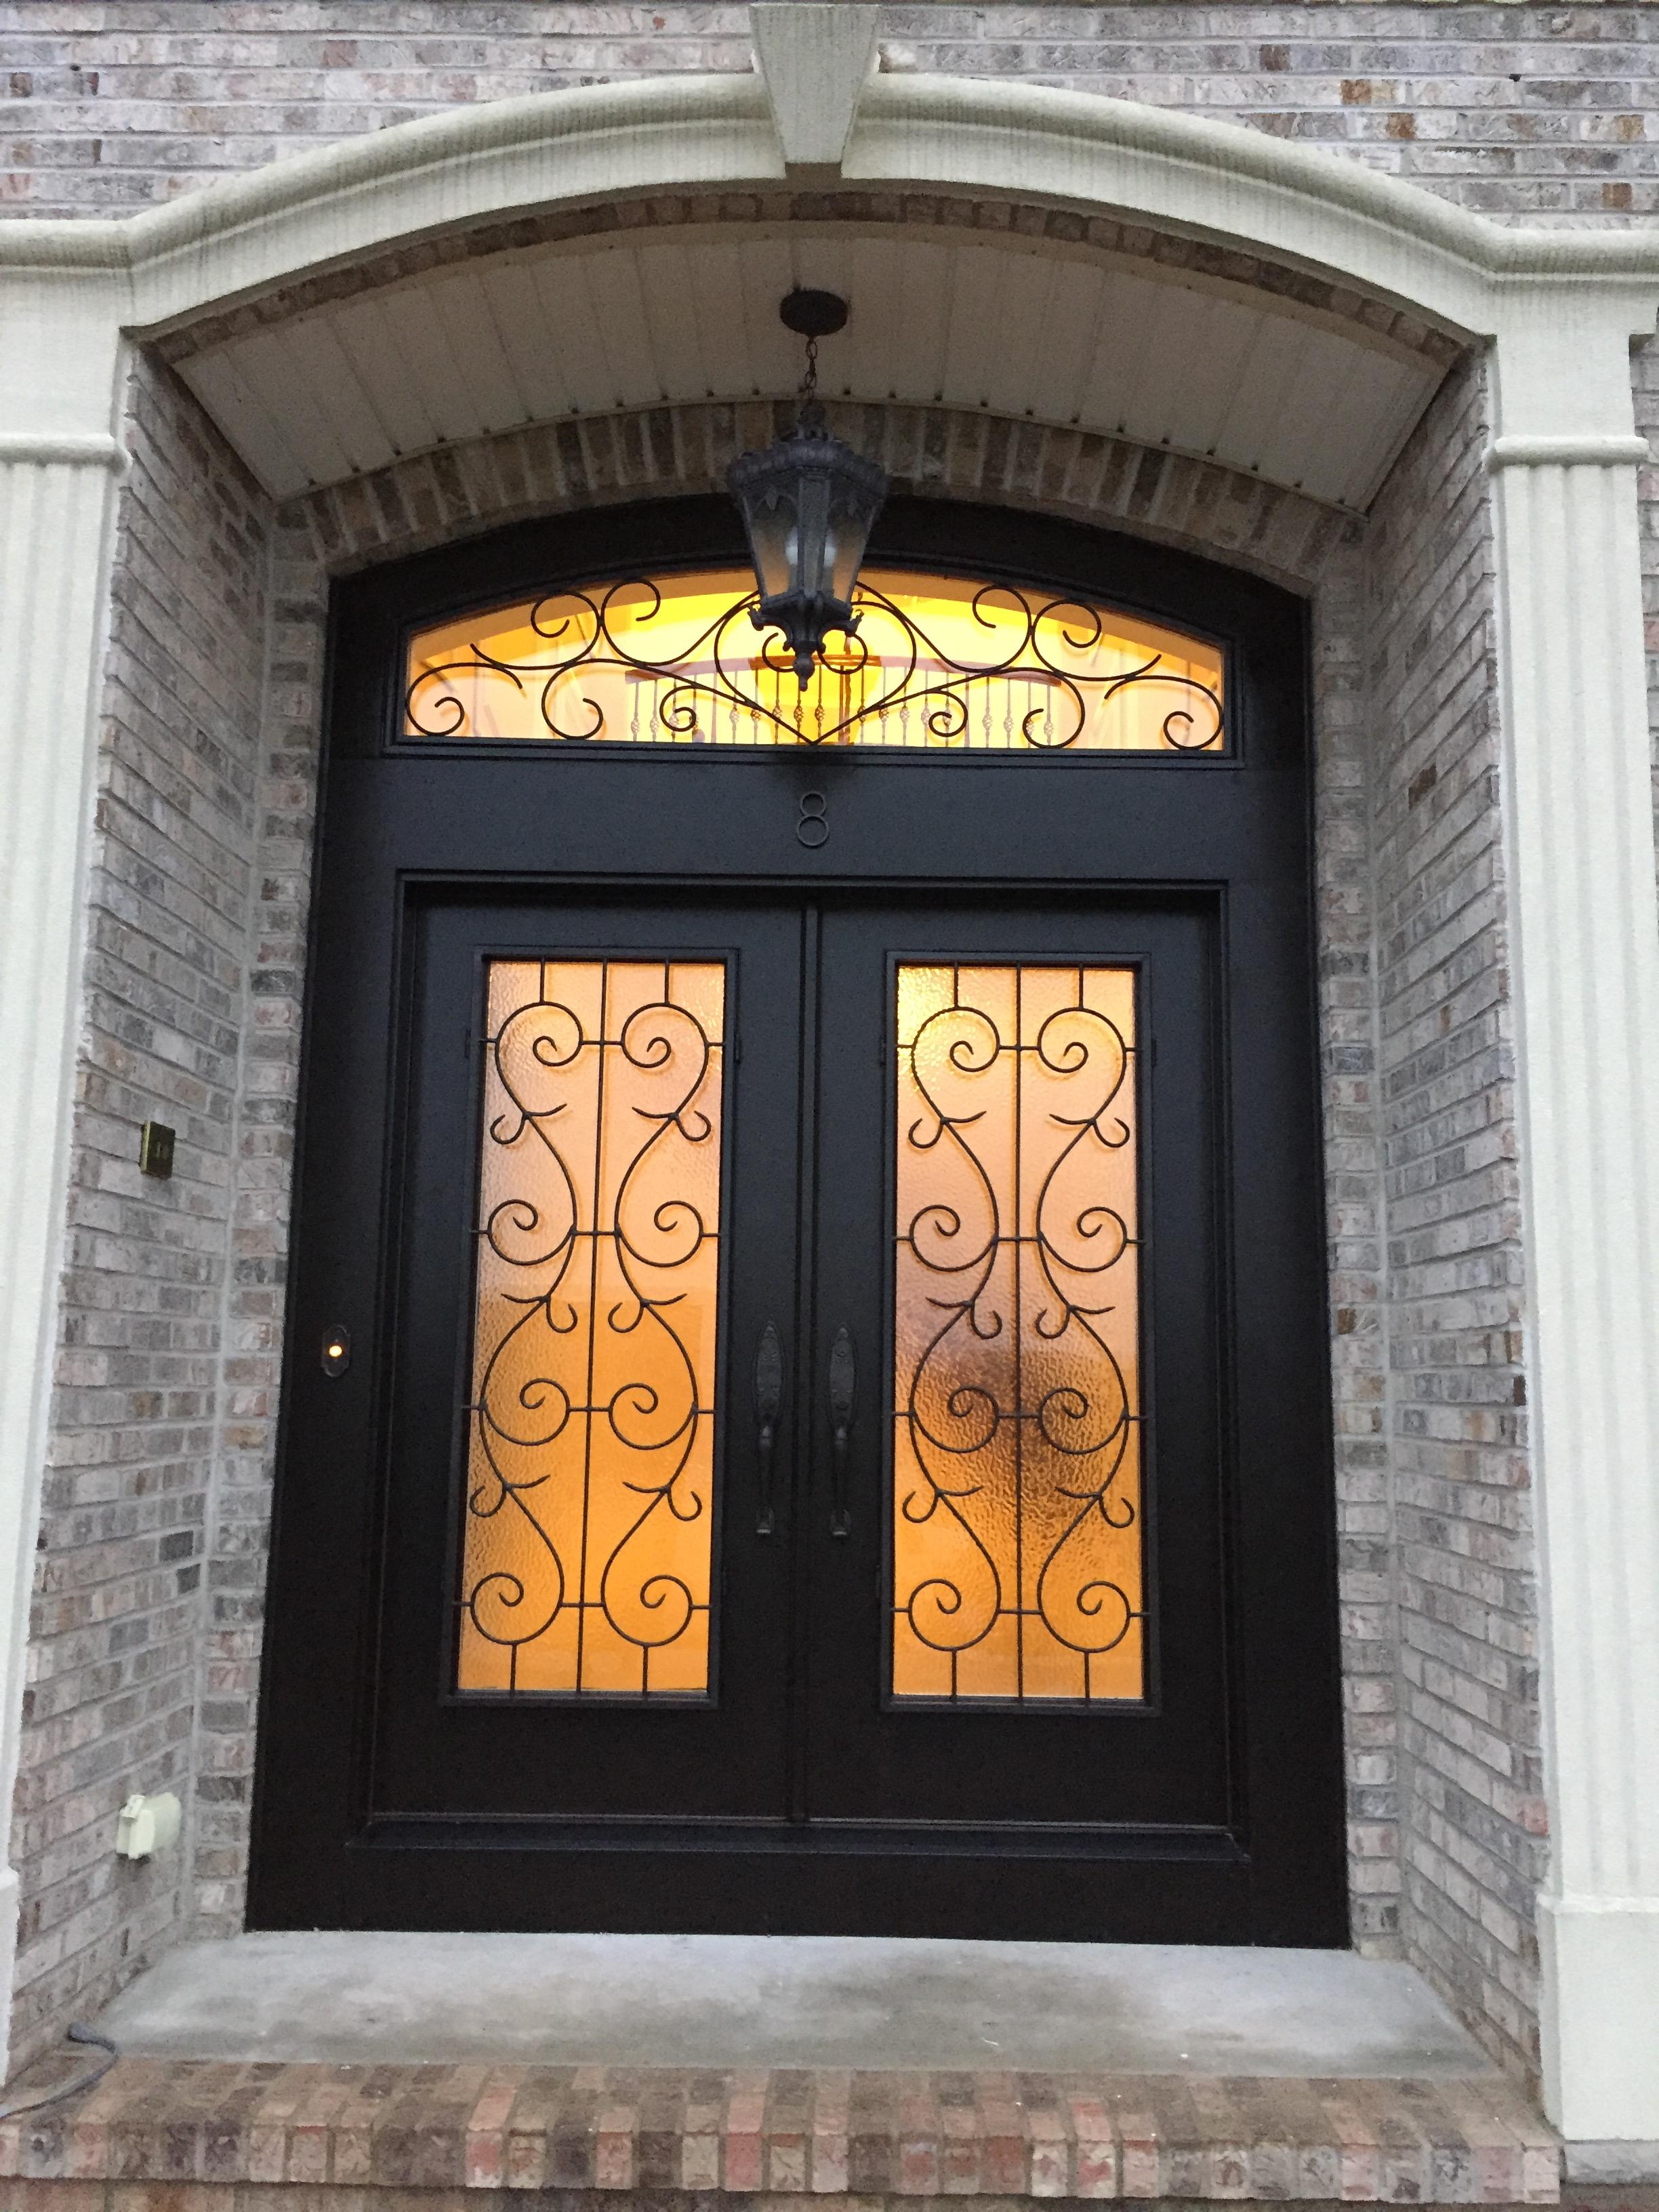 & Customized Glass Doors: Englishtown Brick NJ: Doors \u0026 More: NJ